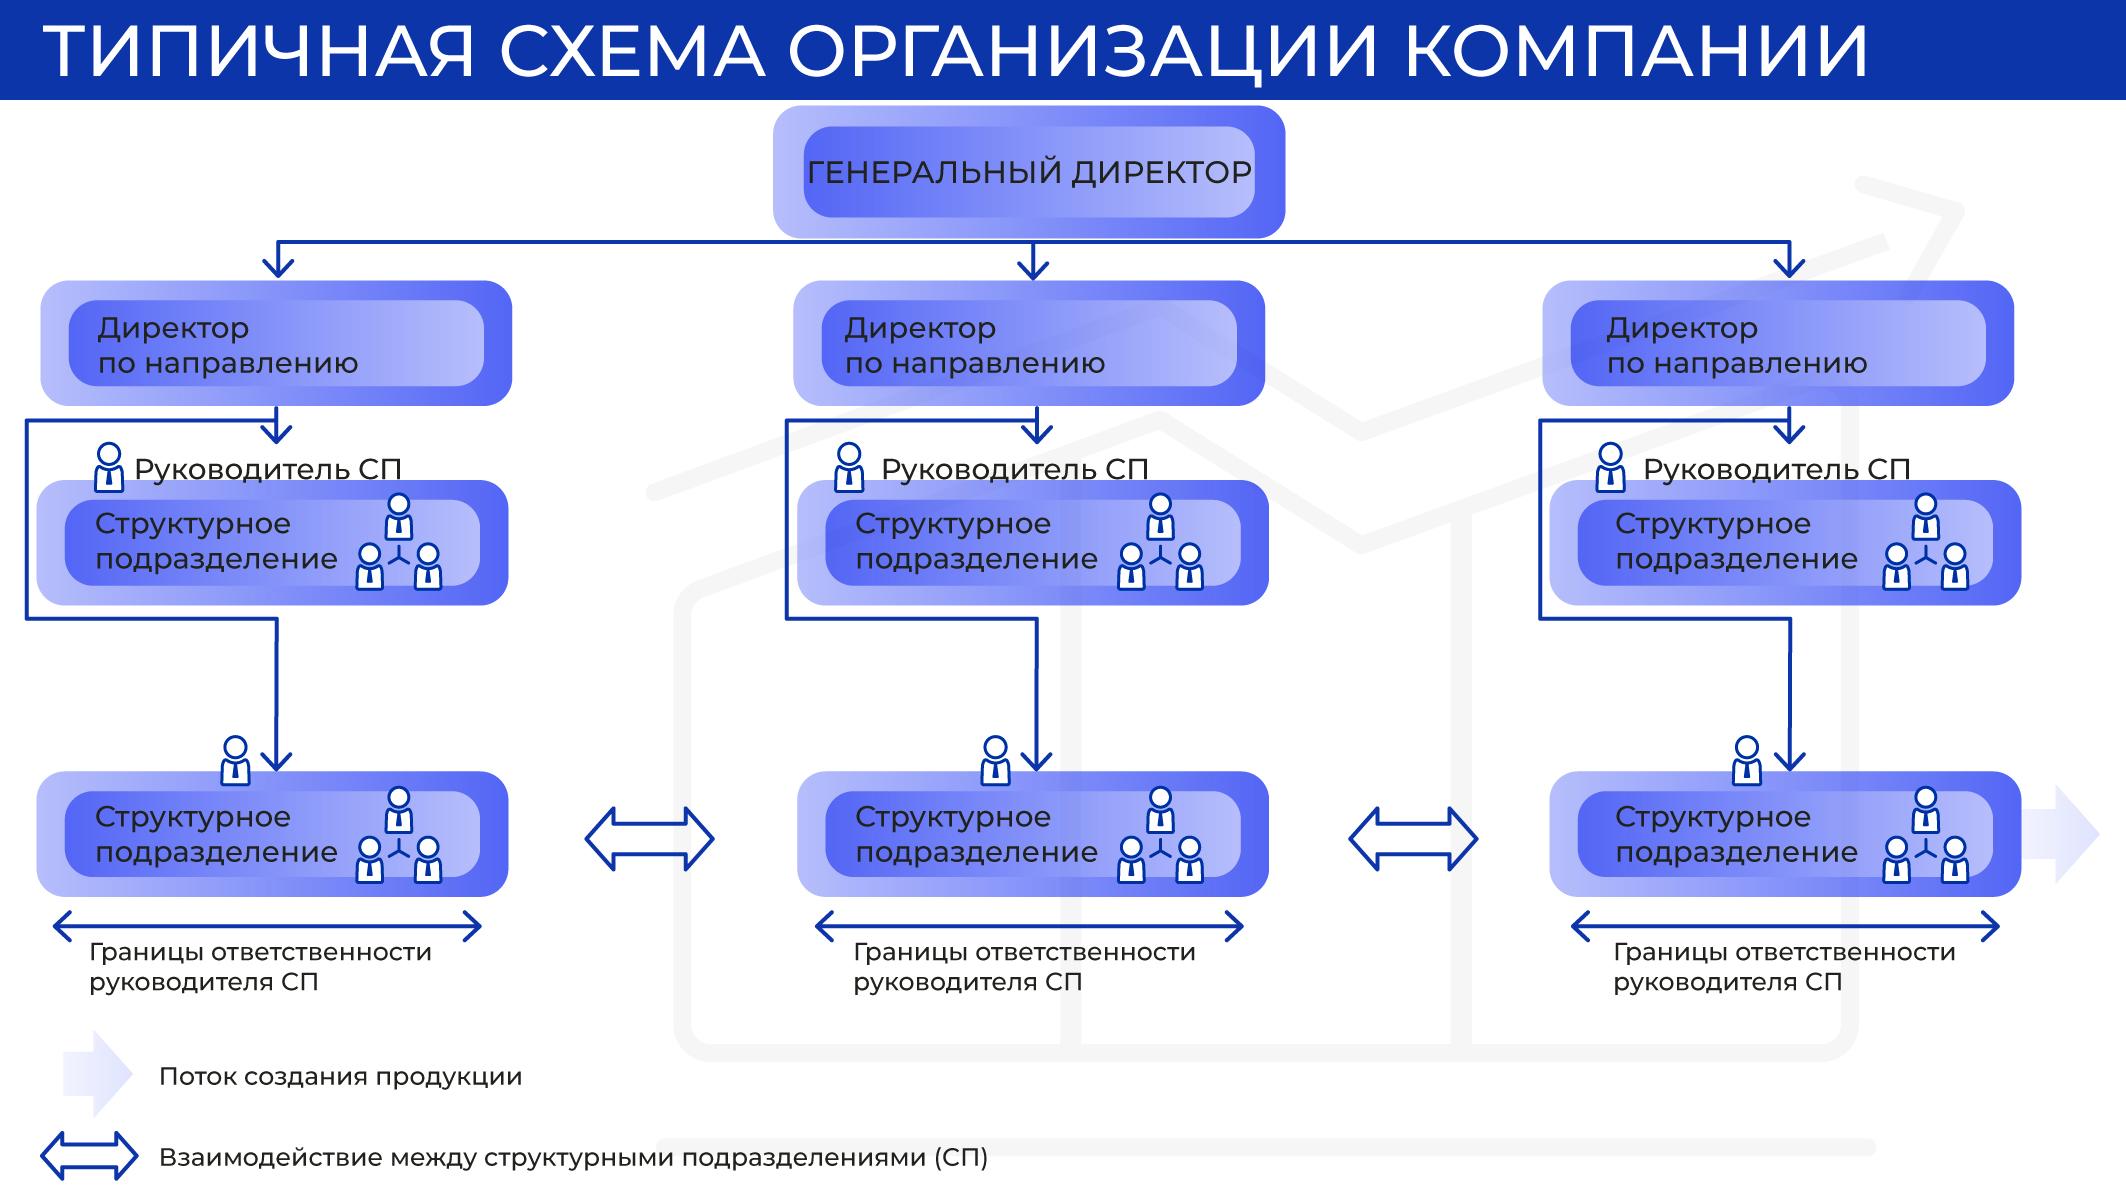 Типичная схема организации в компании